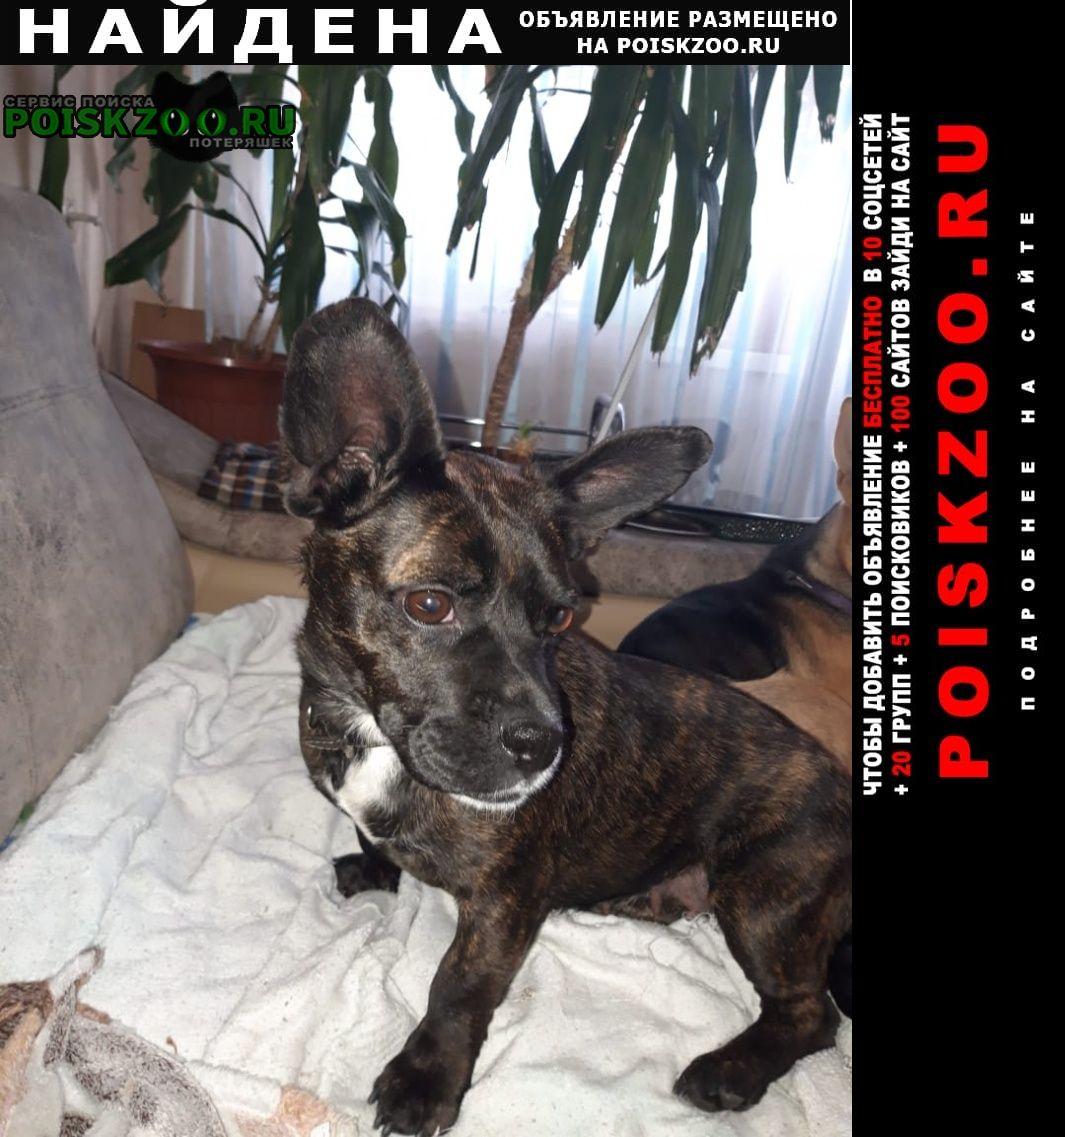 Найдена собака девочка Новокузнецк